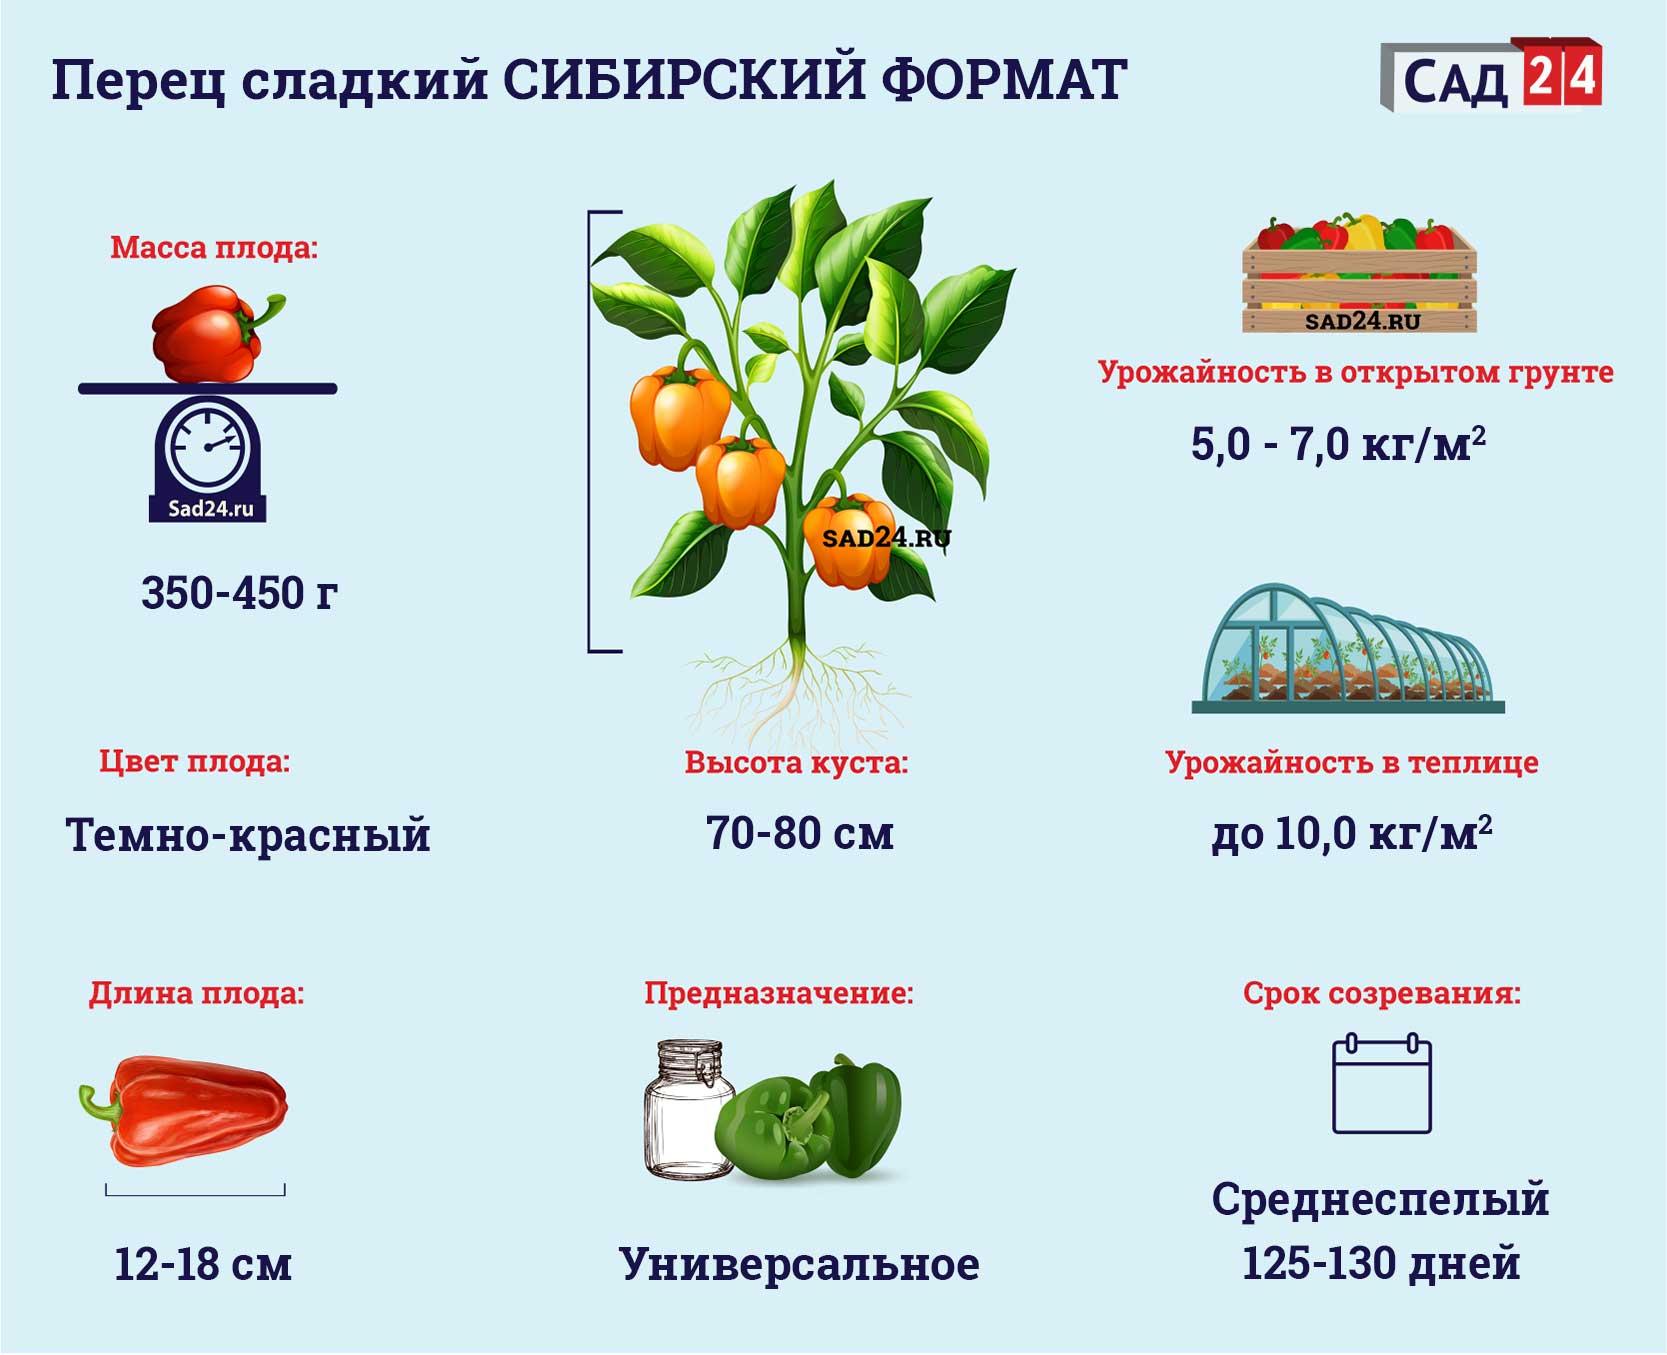 Сибирский формат https://sad24.ru/